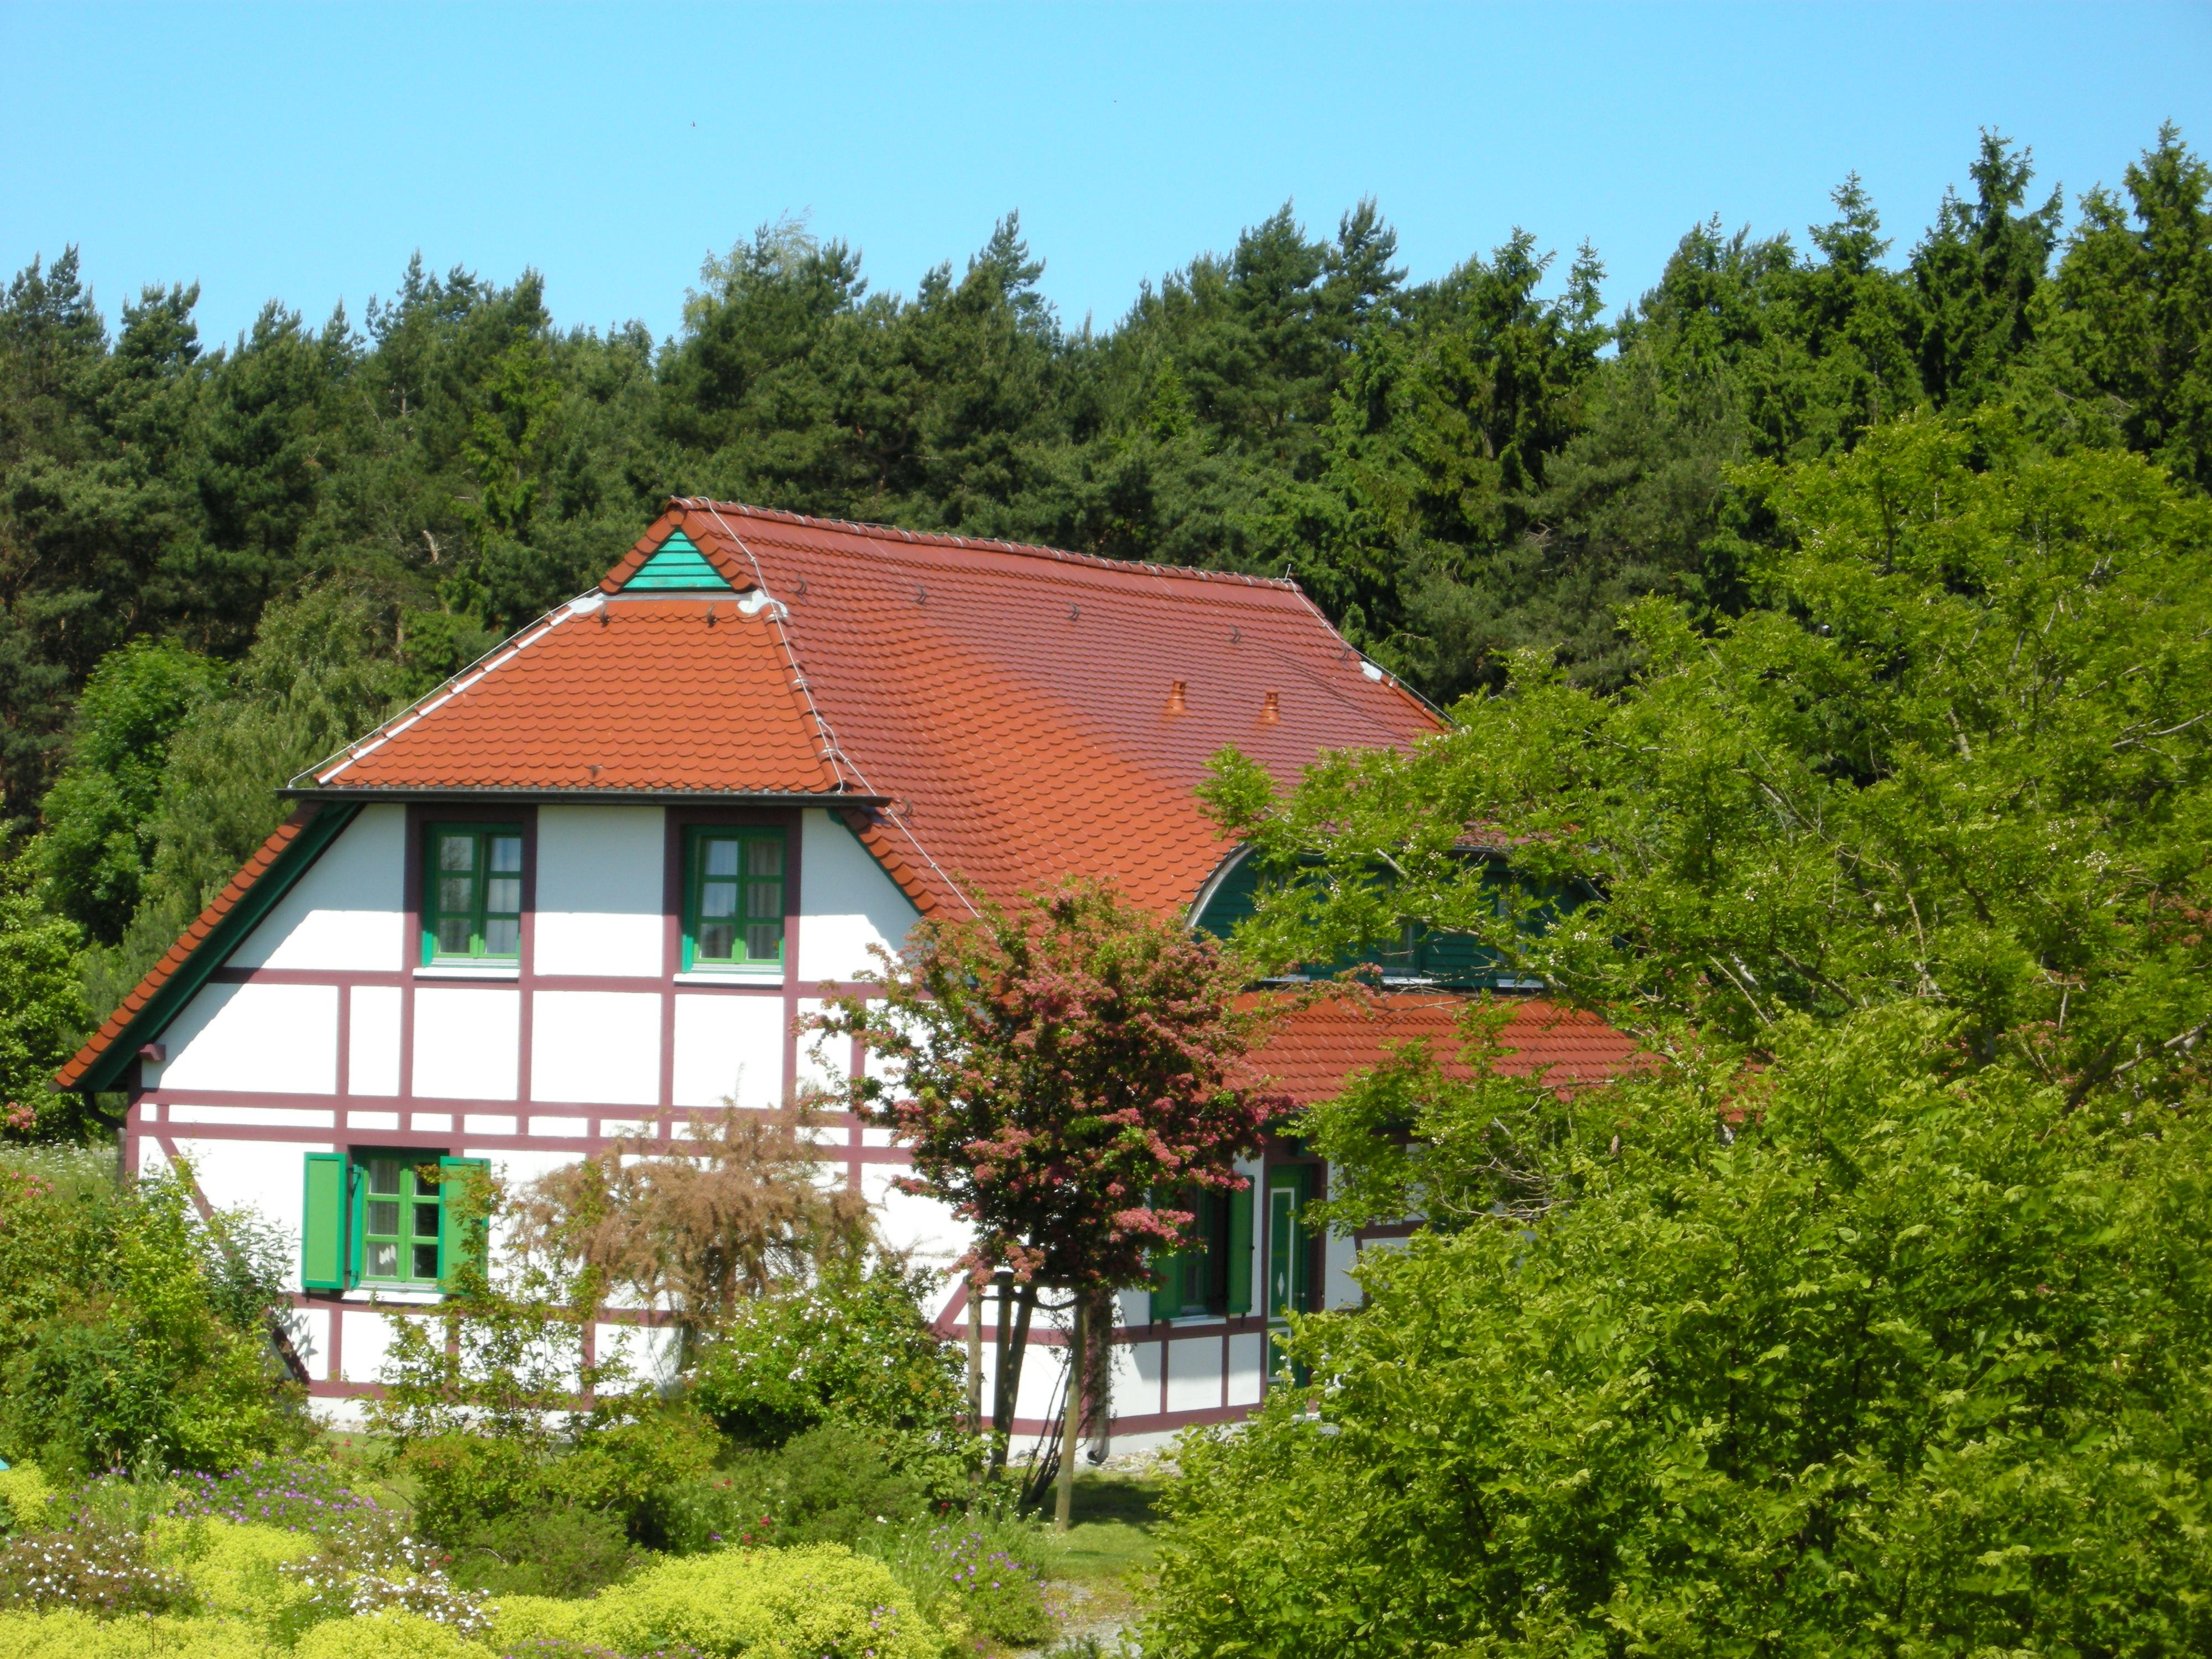 Urlaub an der Ostsee Rugana Dranske Germany